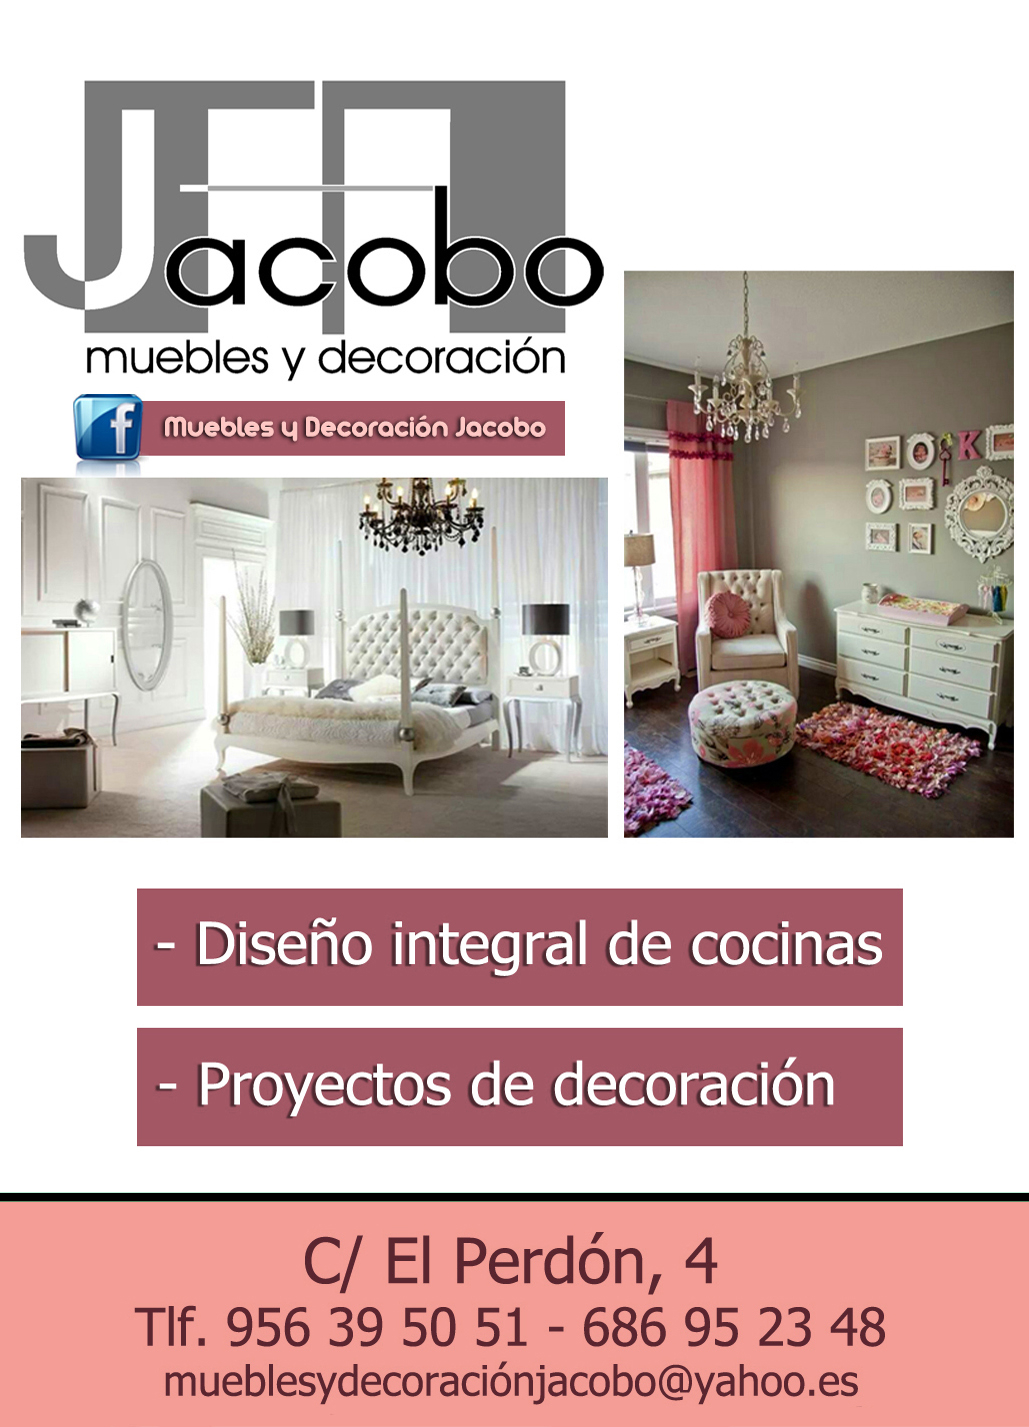 Muebles y electrodom sticos conoce trebujena for Bautista muebles y decoracion